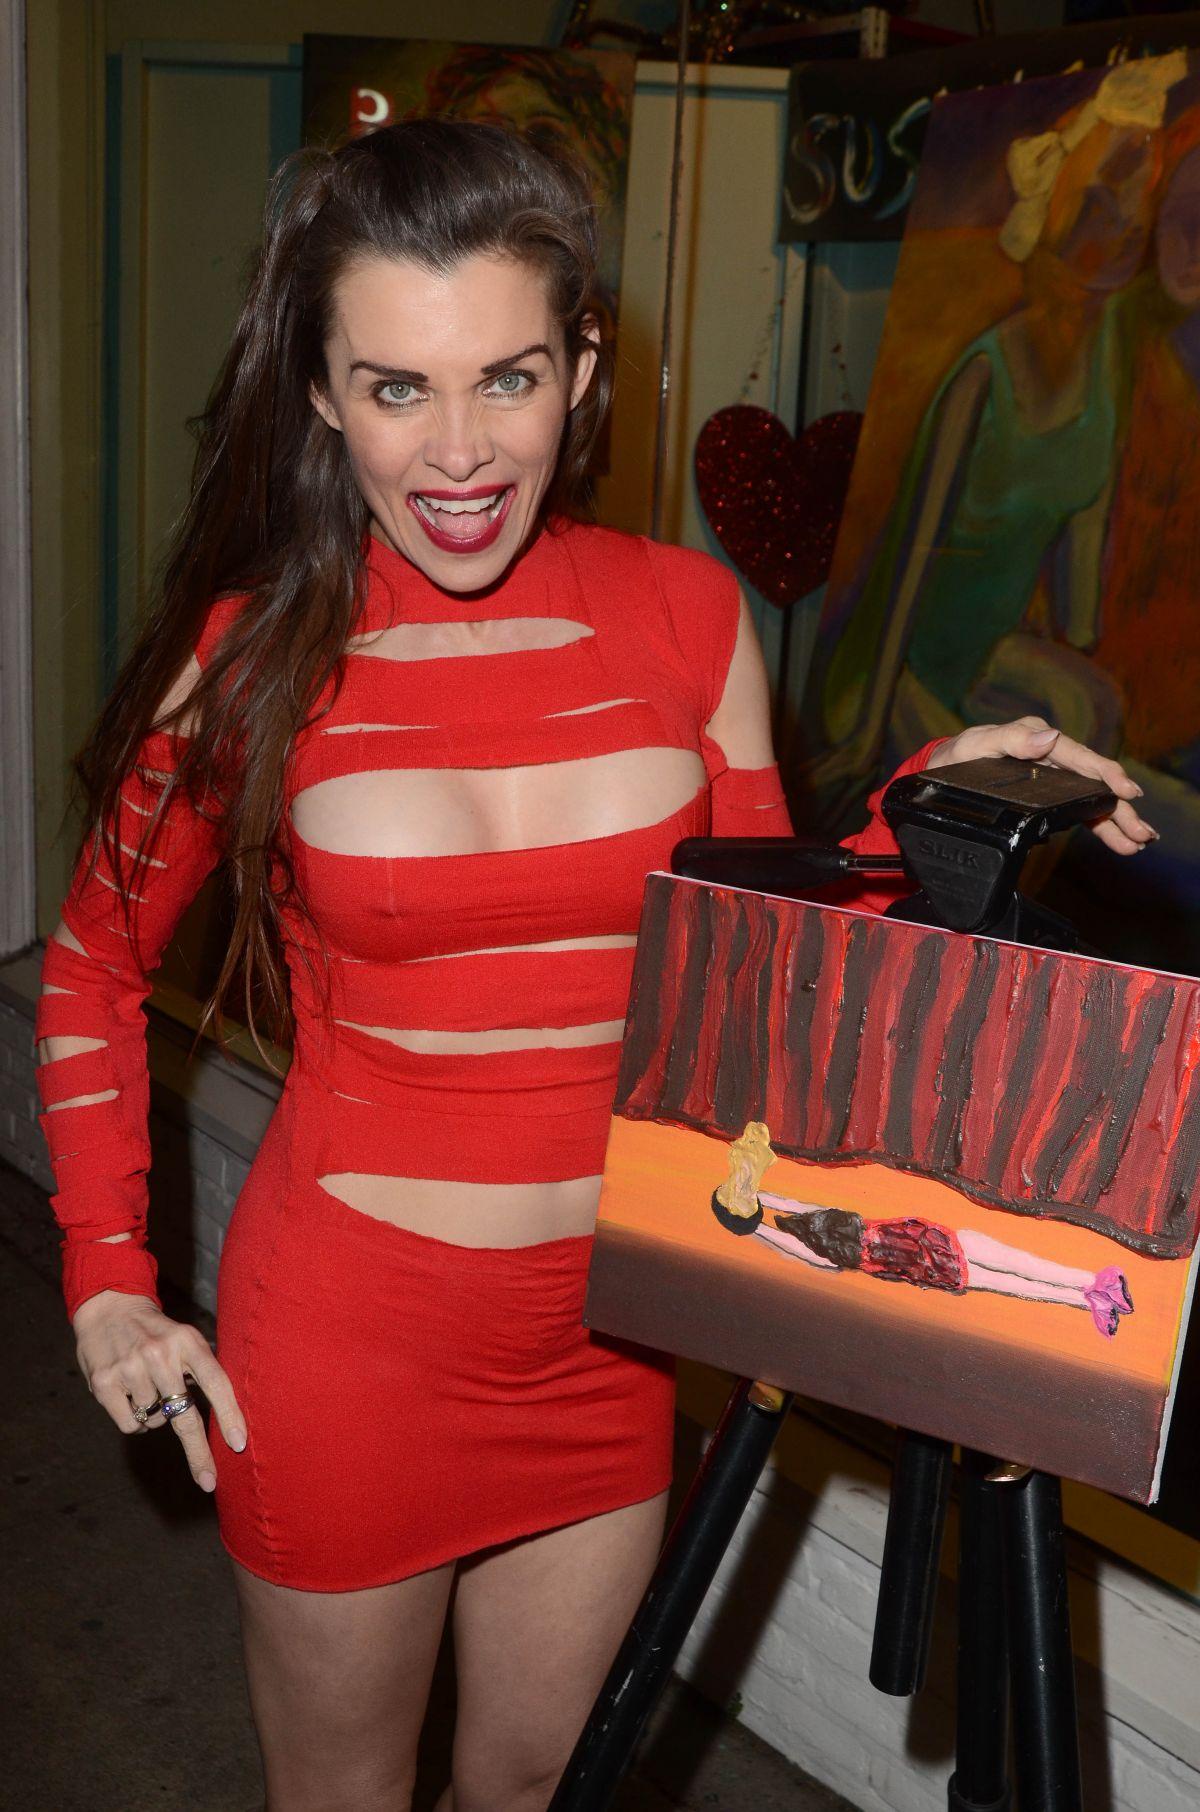 ALICIA ARDEN at a Social Media Contest in Los Angeles 05